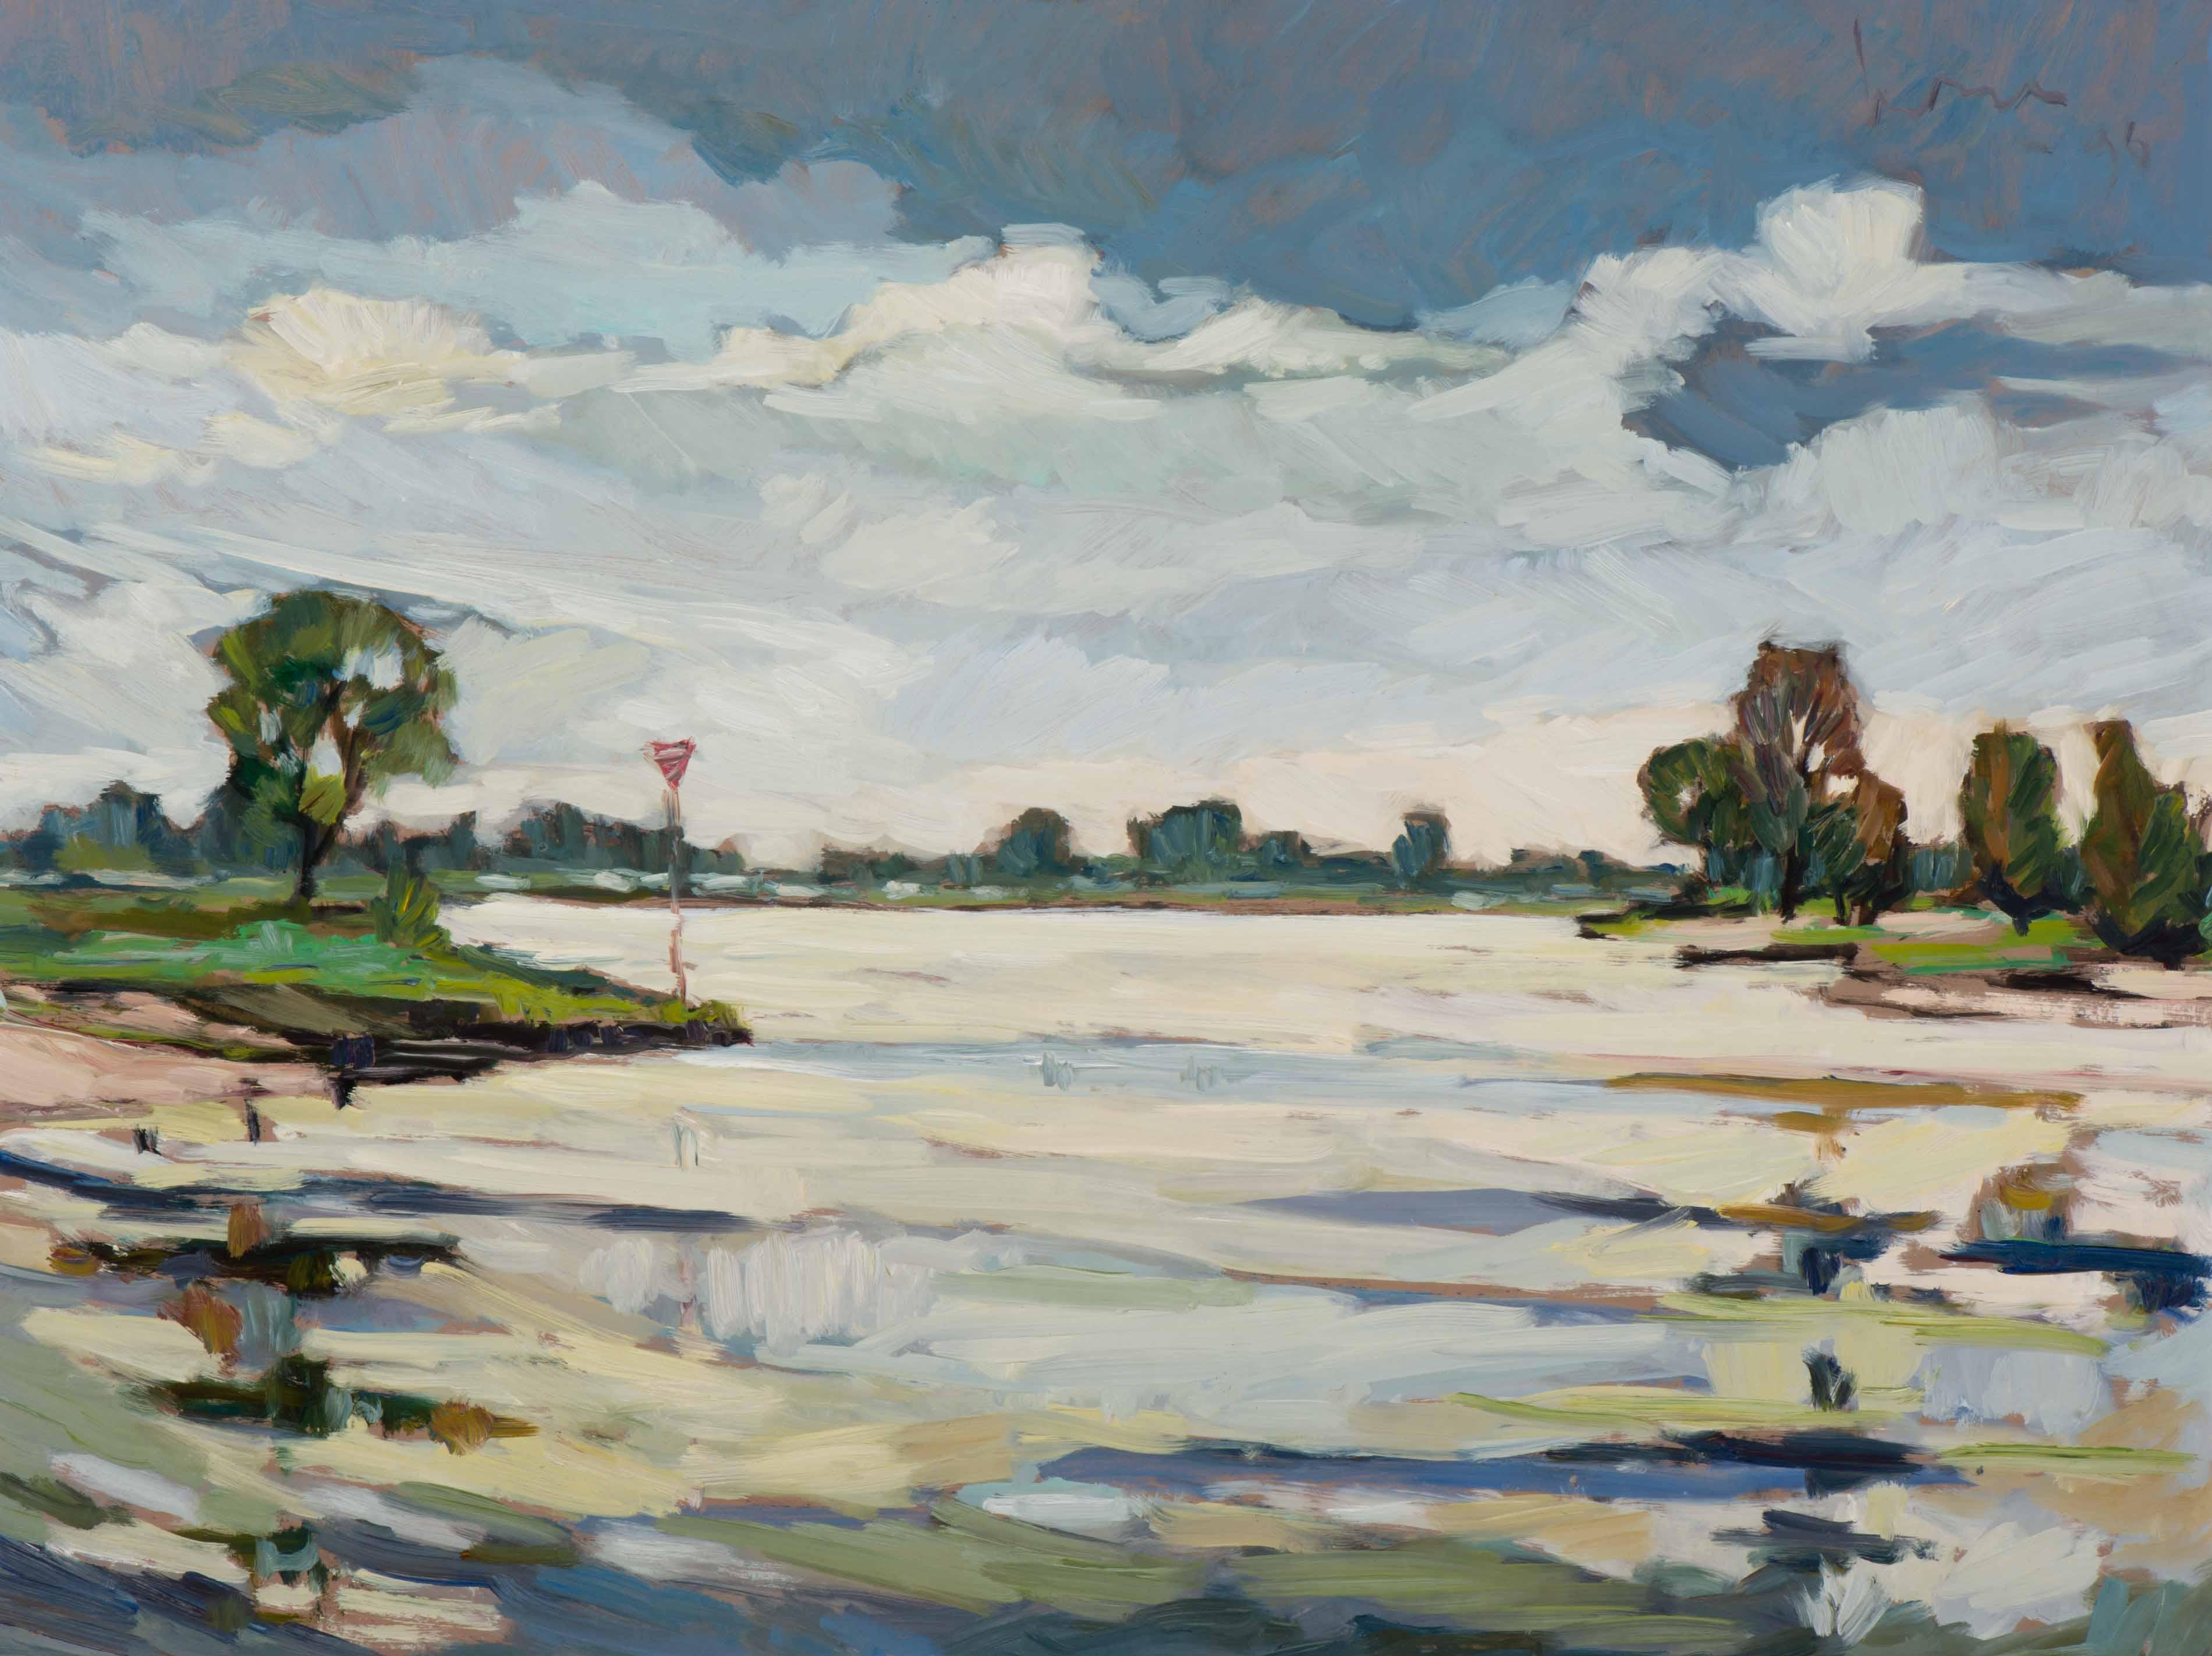 Schilderij van Kees Bol te koop gevraagd